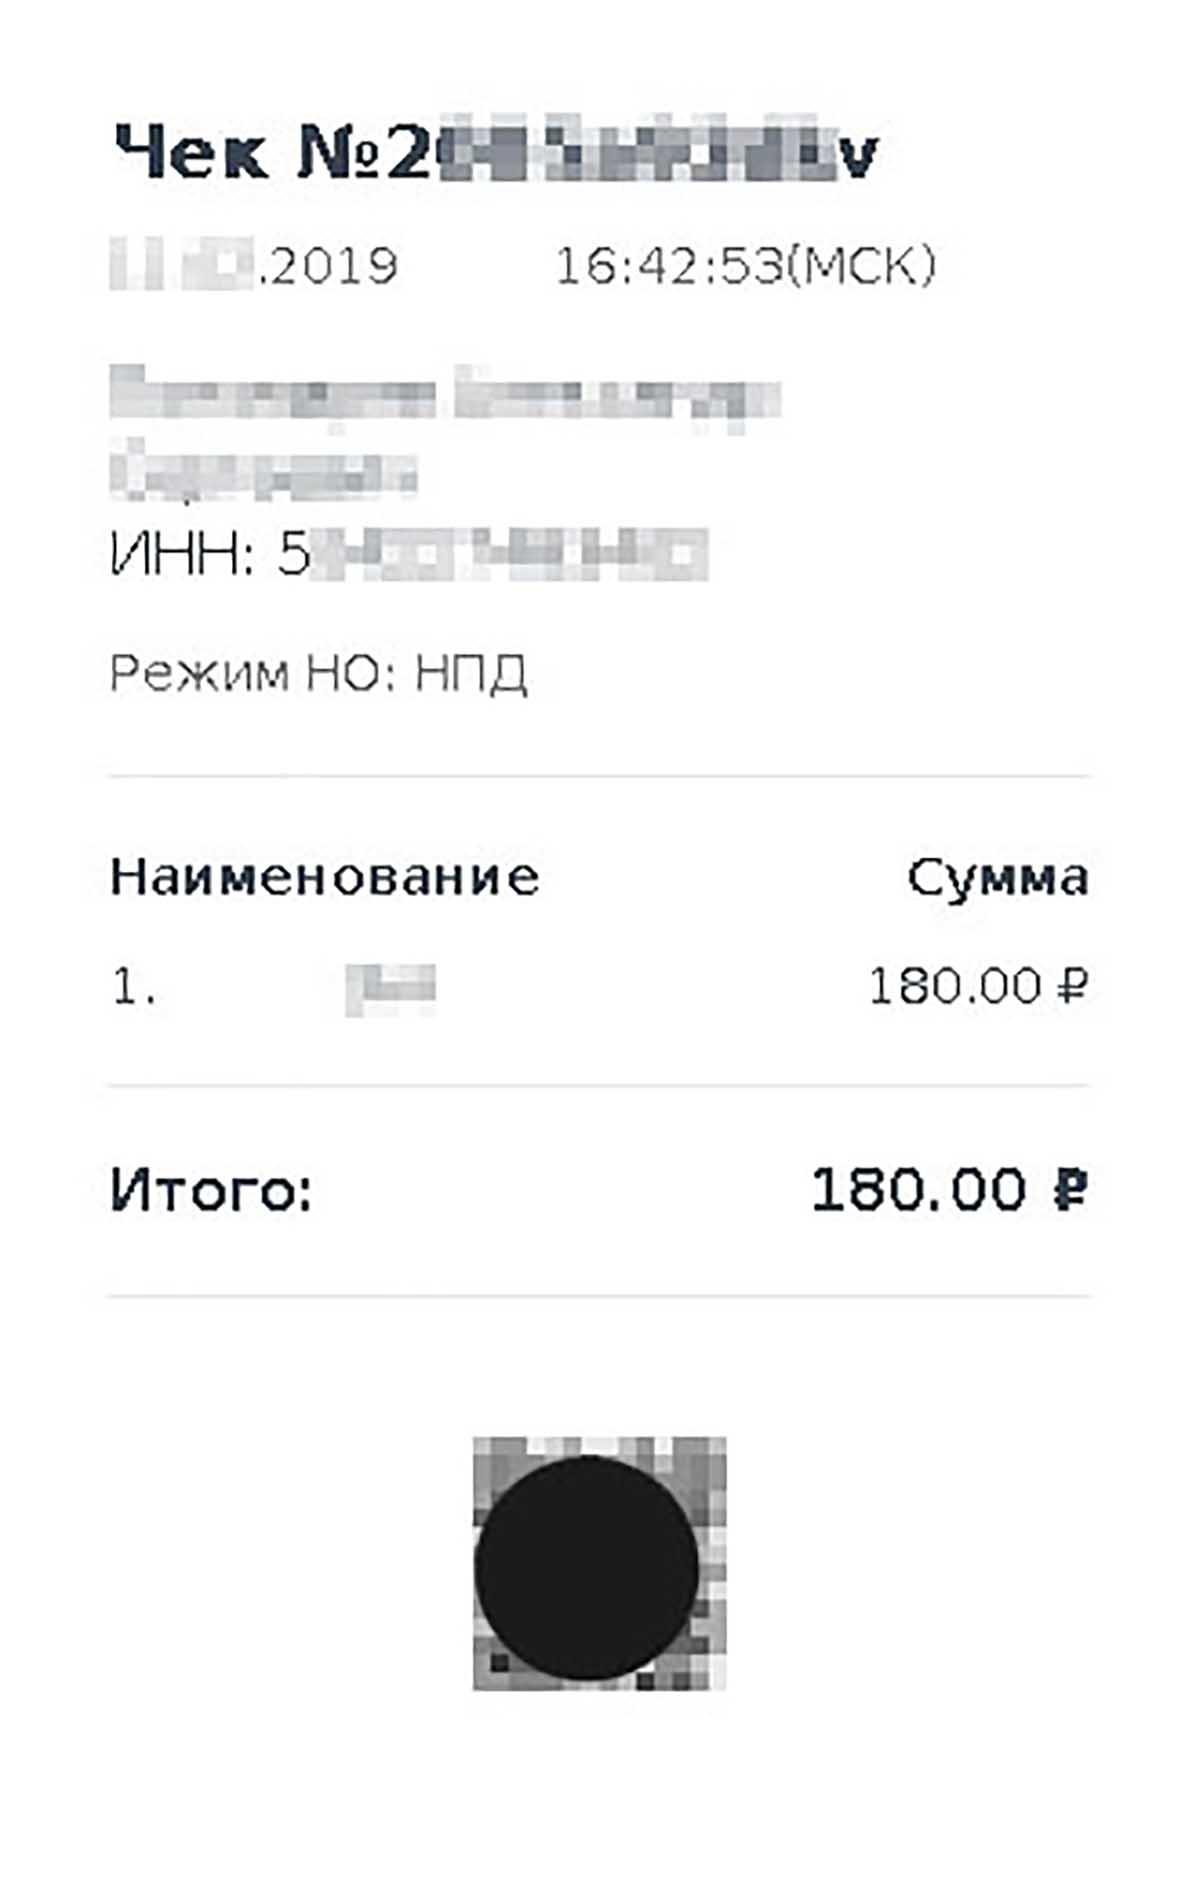 Как выглядит чек